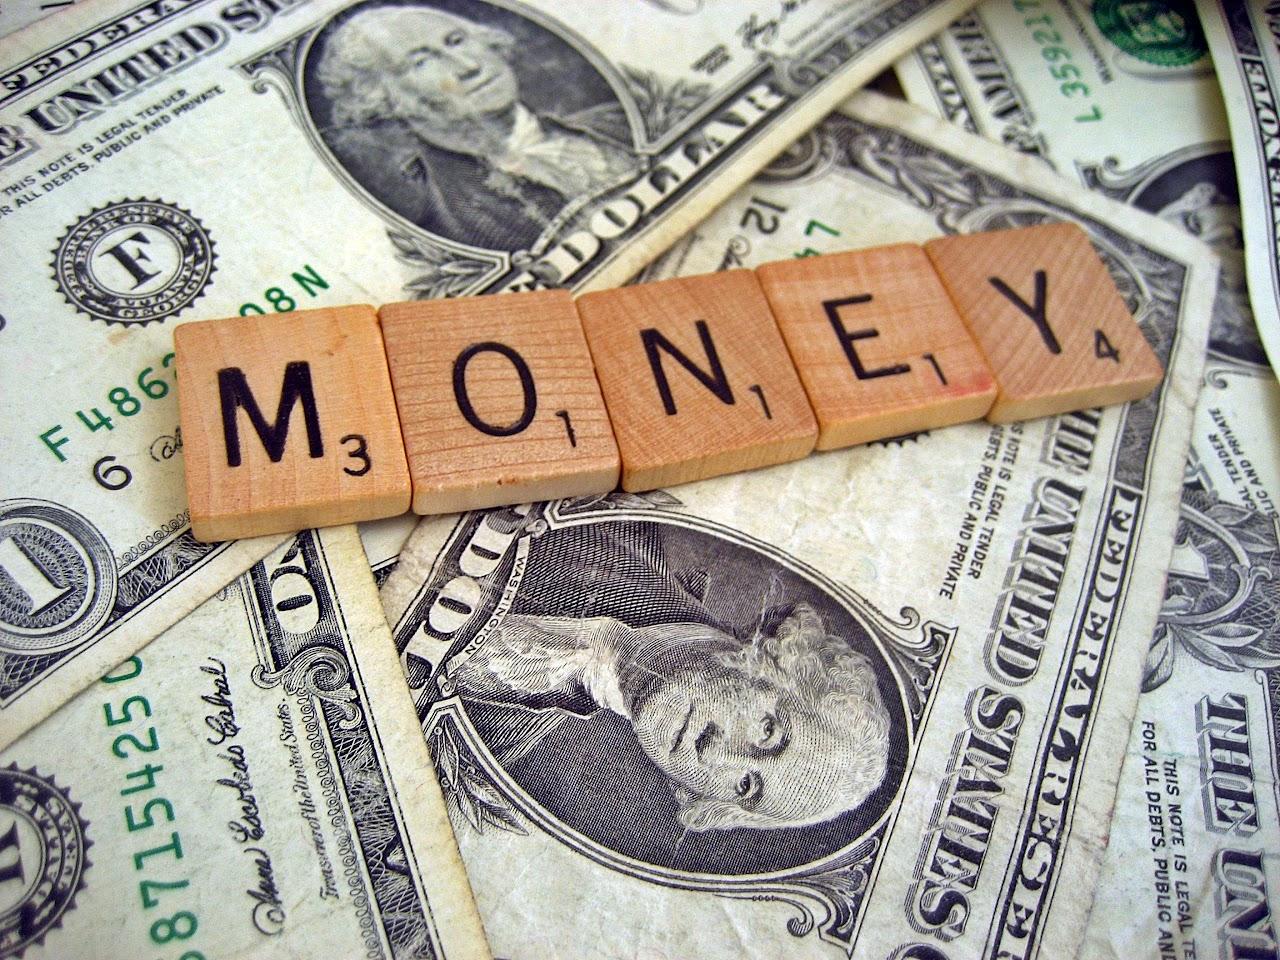 錢的圖片搜尋結果